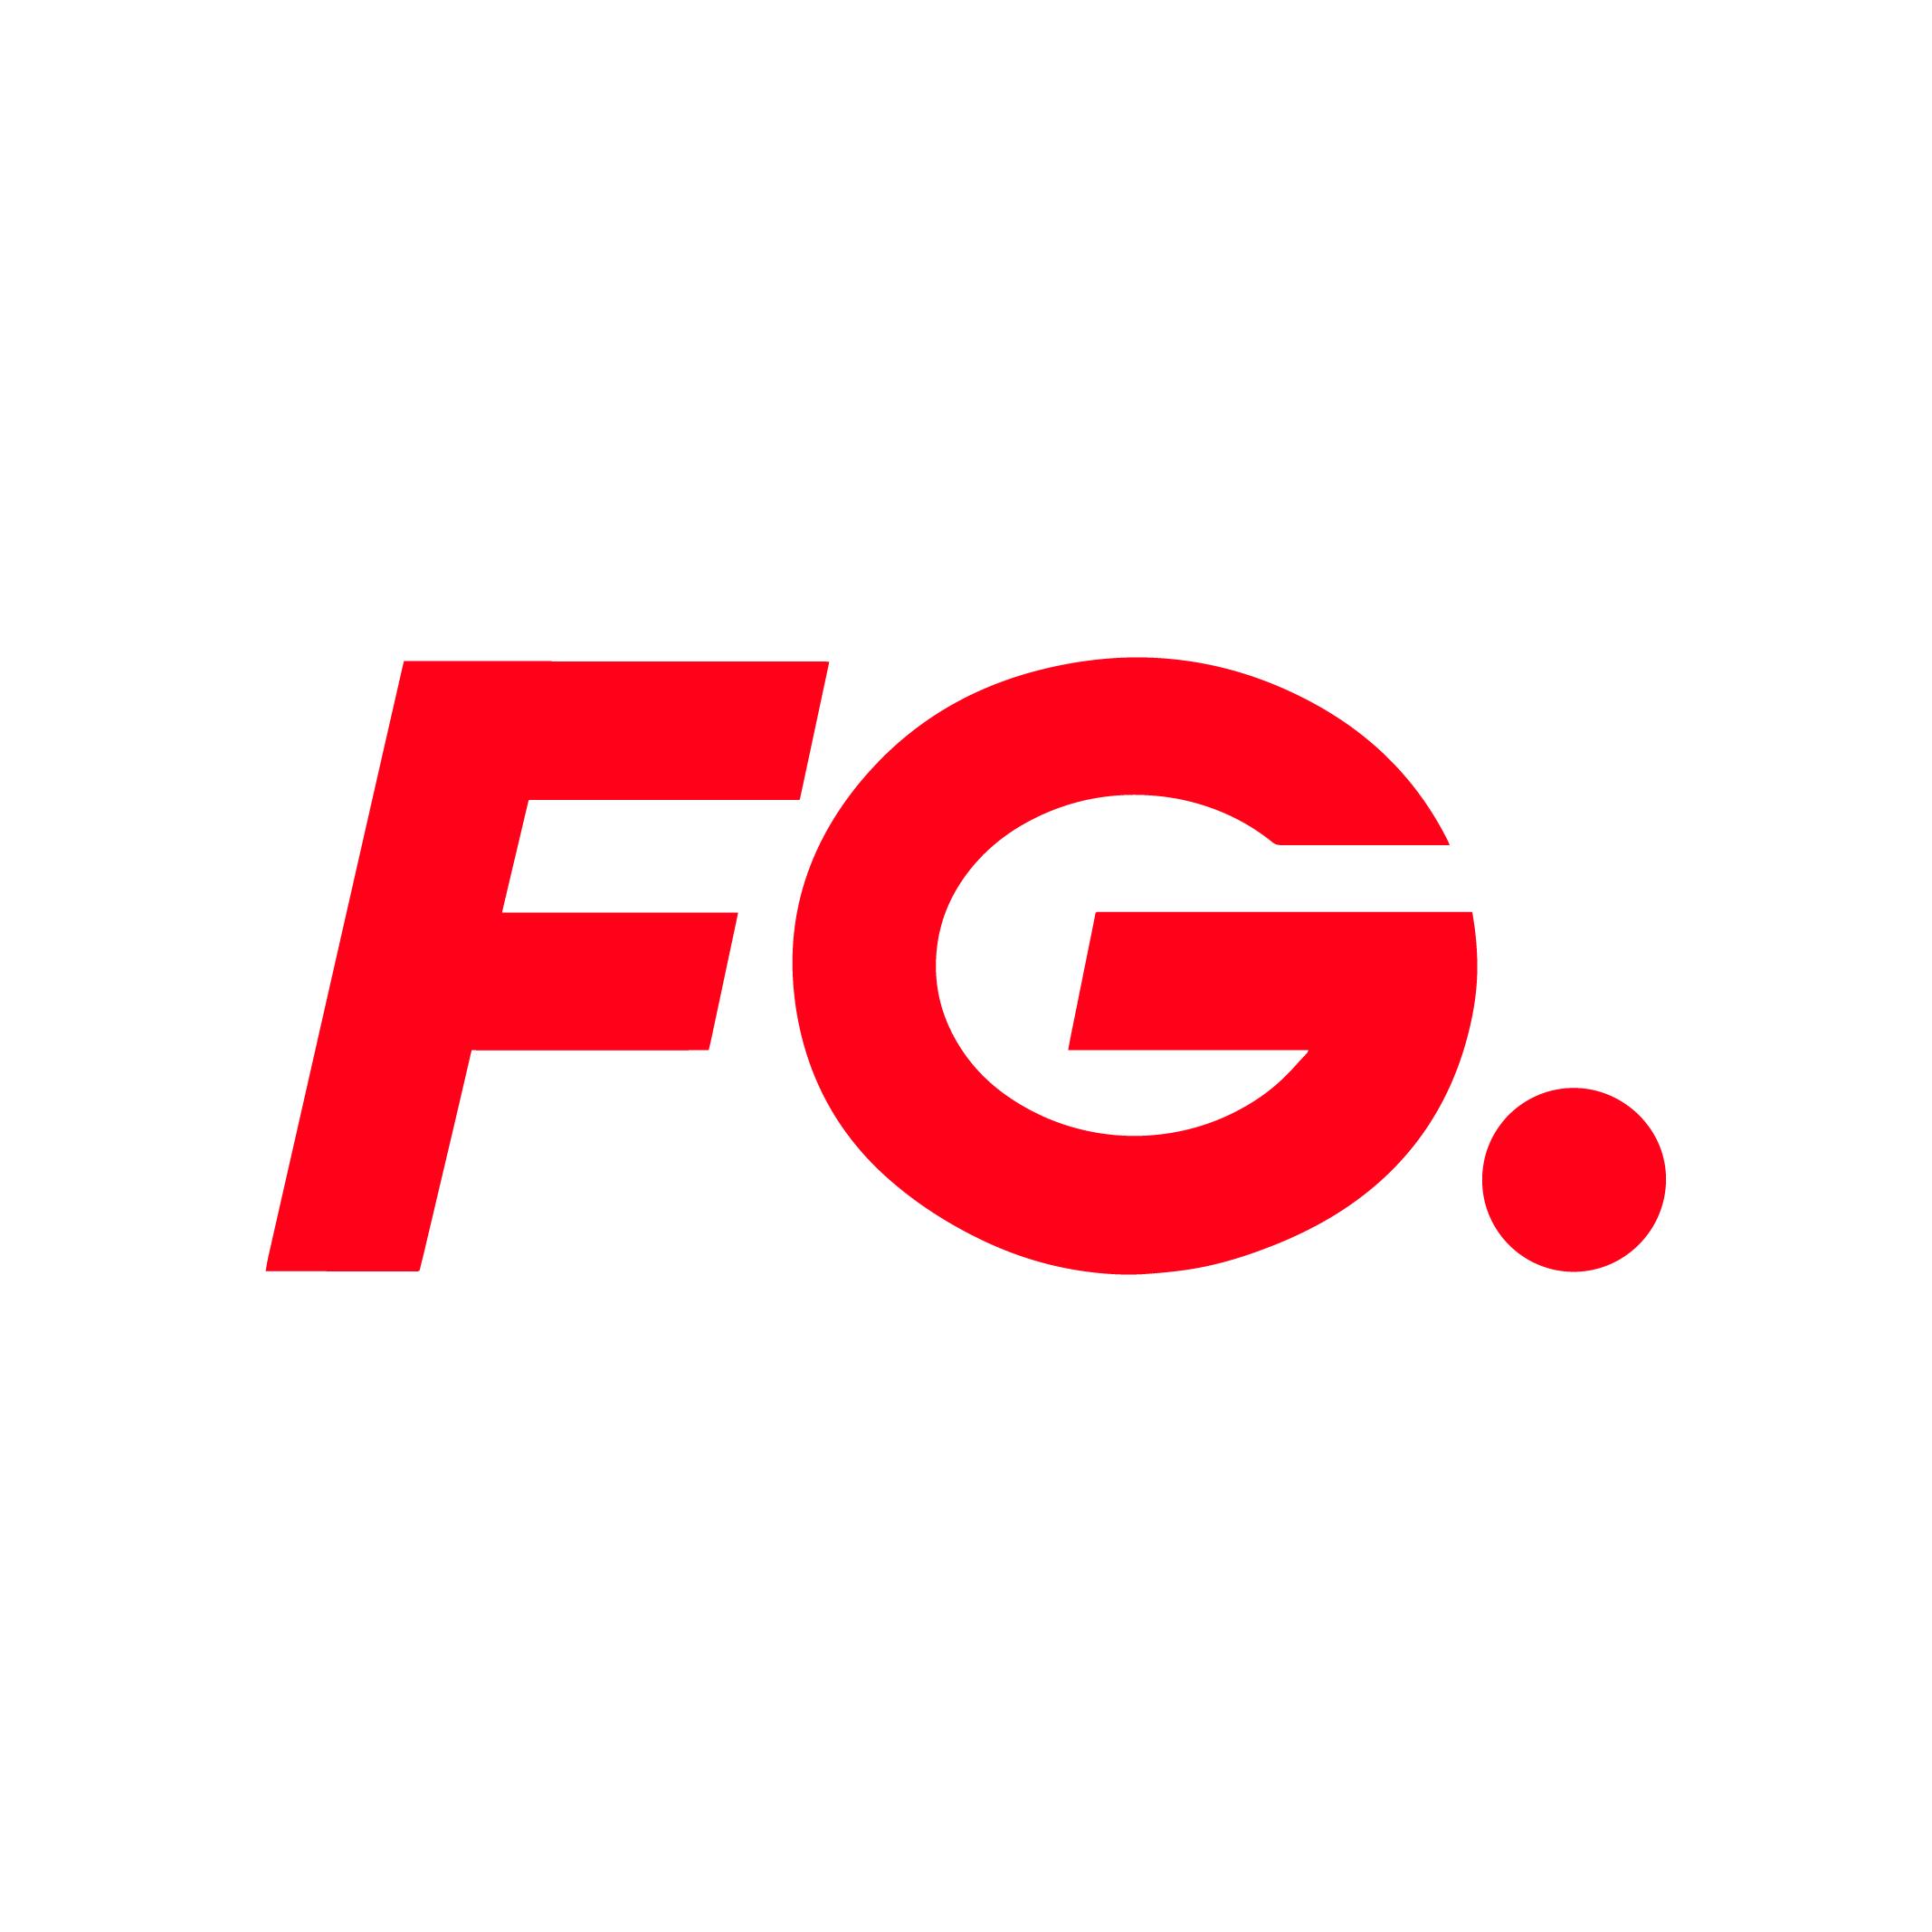 Consultorias FG